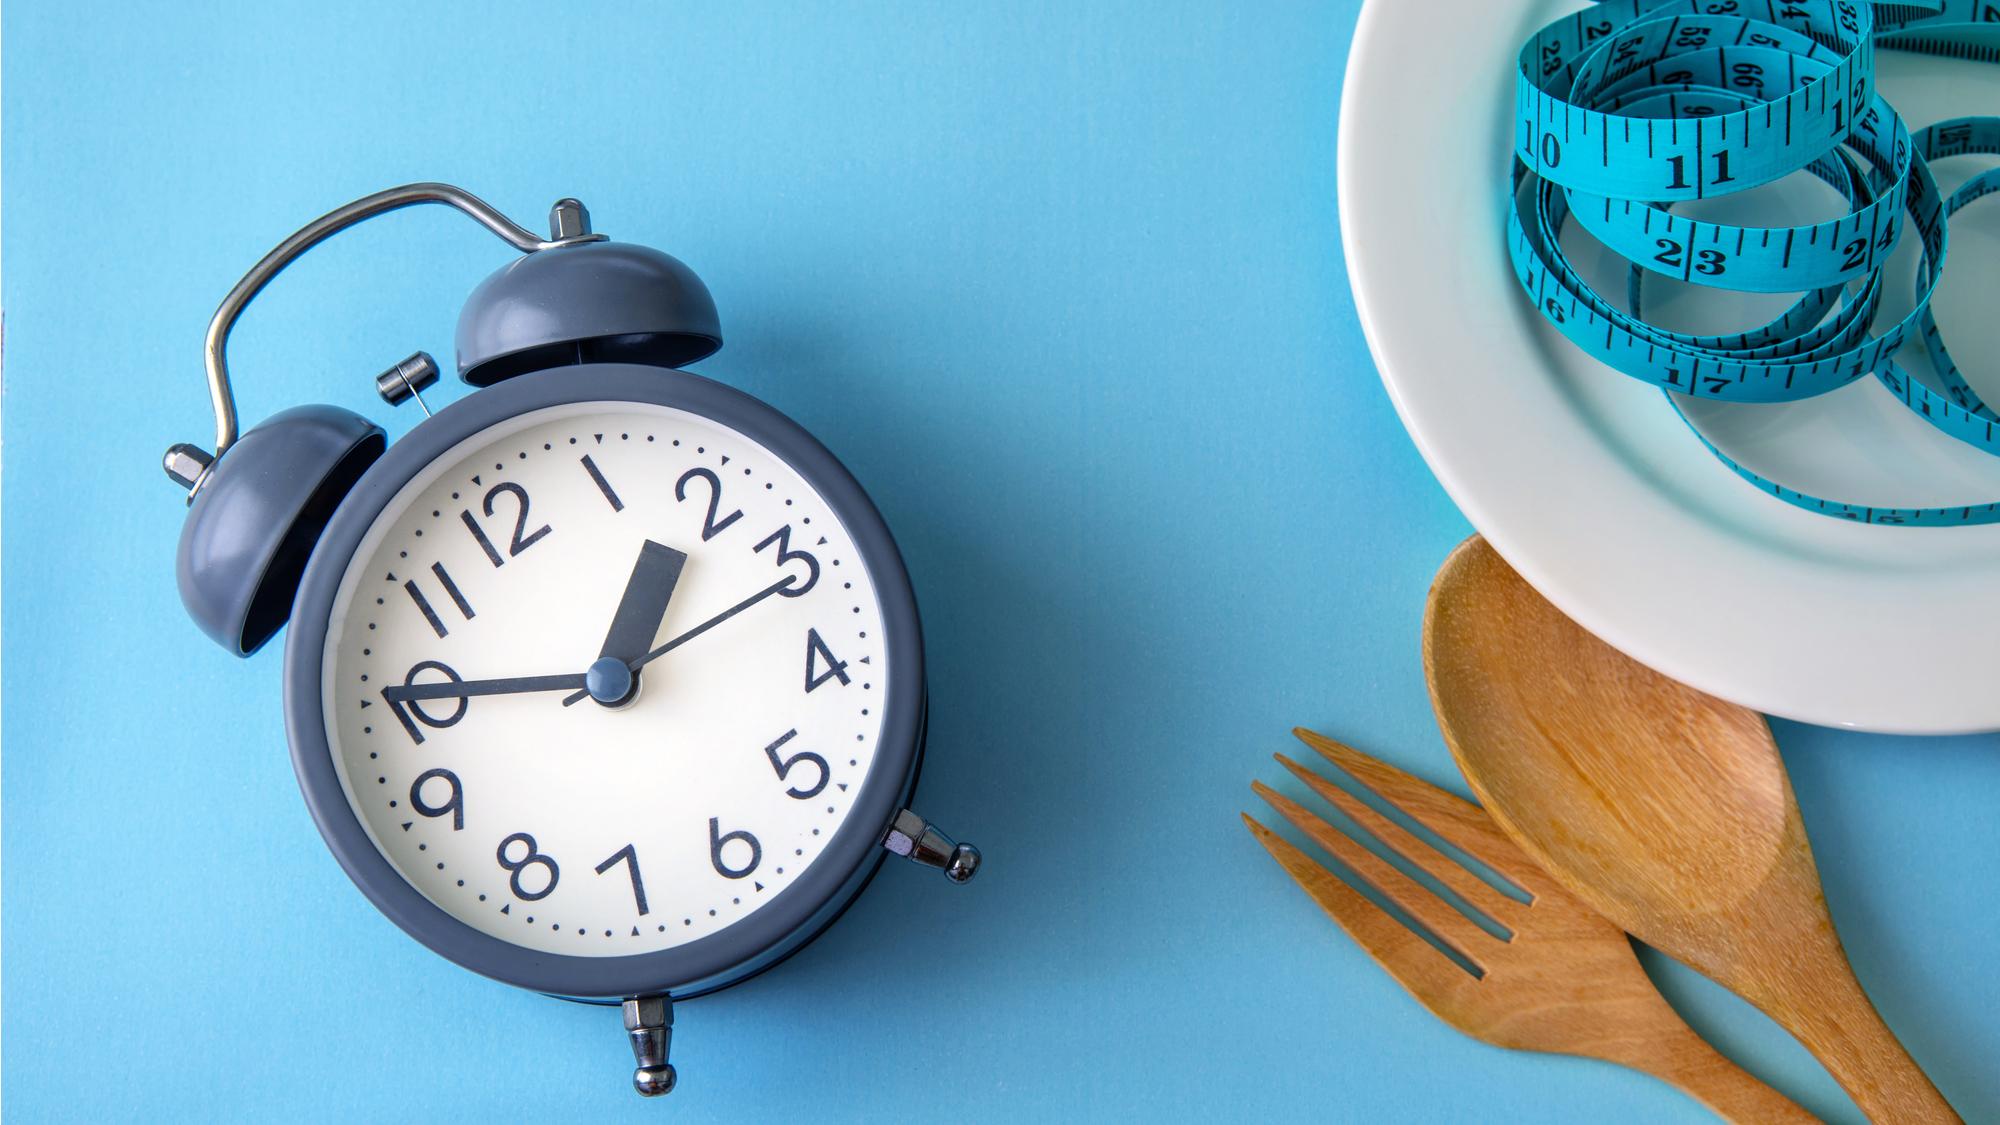 タイミングを変えて食欲抑制、14時までに食事を済ませるプチ断食法